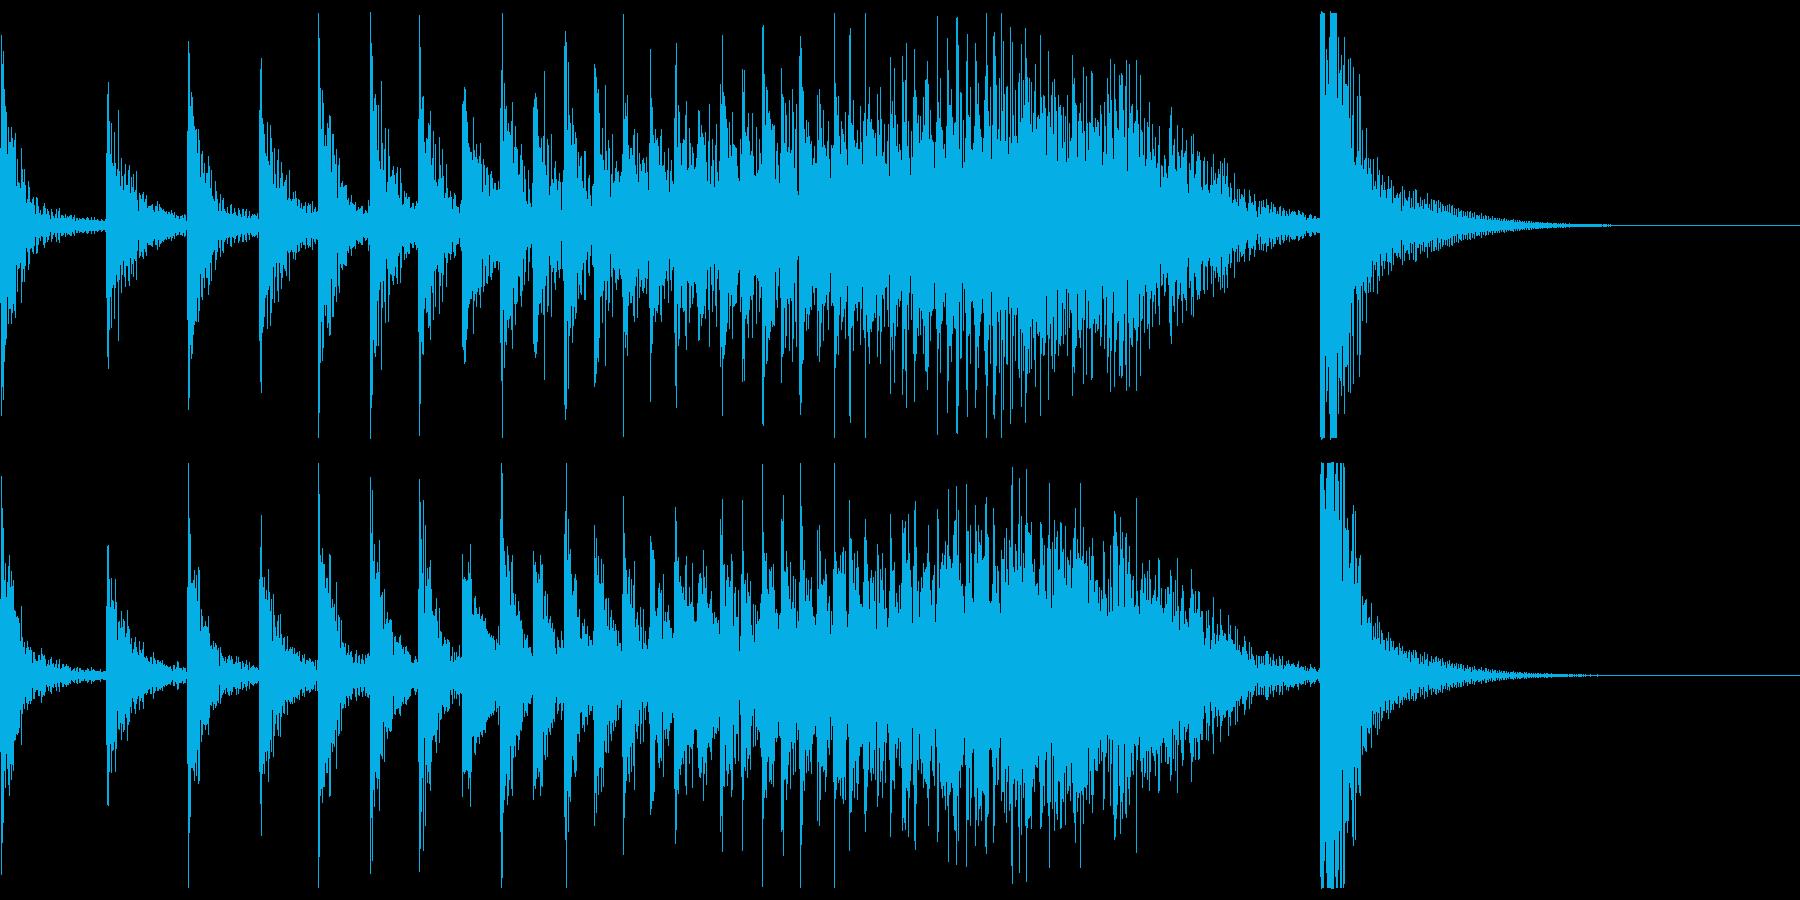 ドコドコ…ドドン!和太鼓ロール/ロングの再生済みの波形